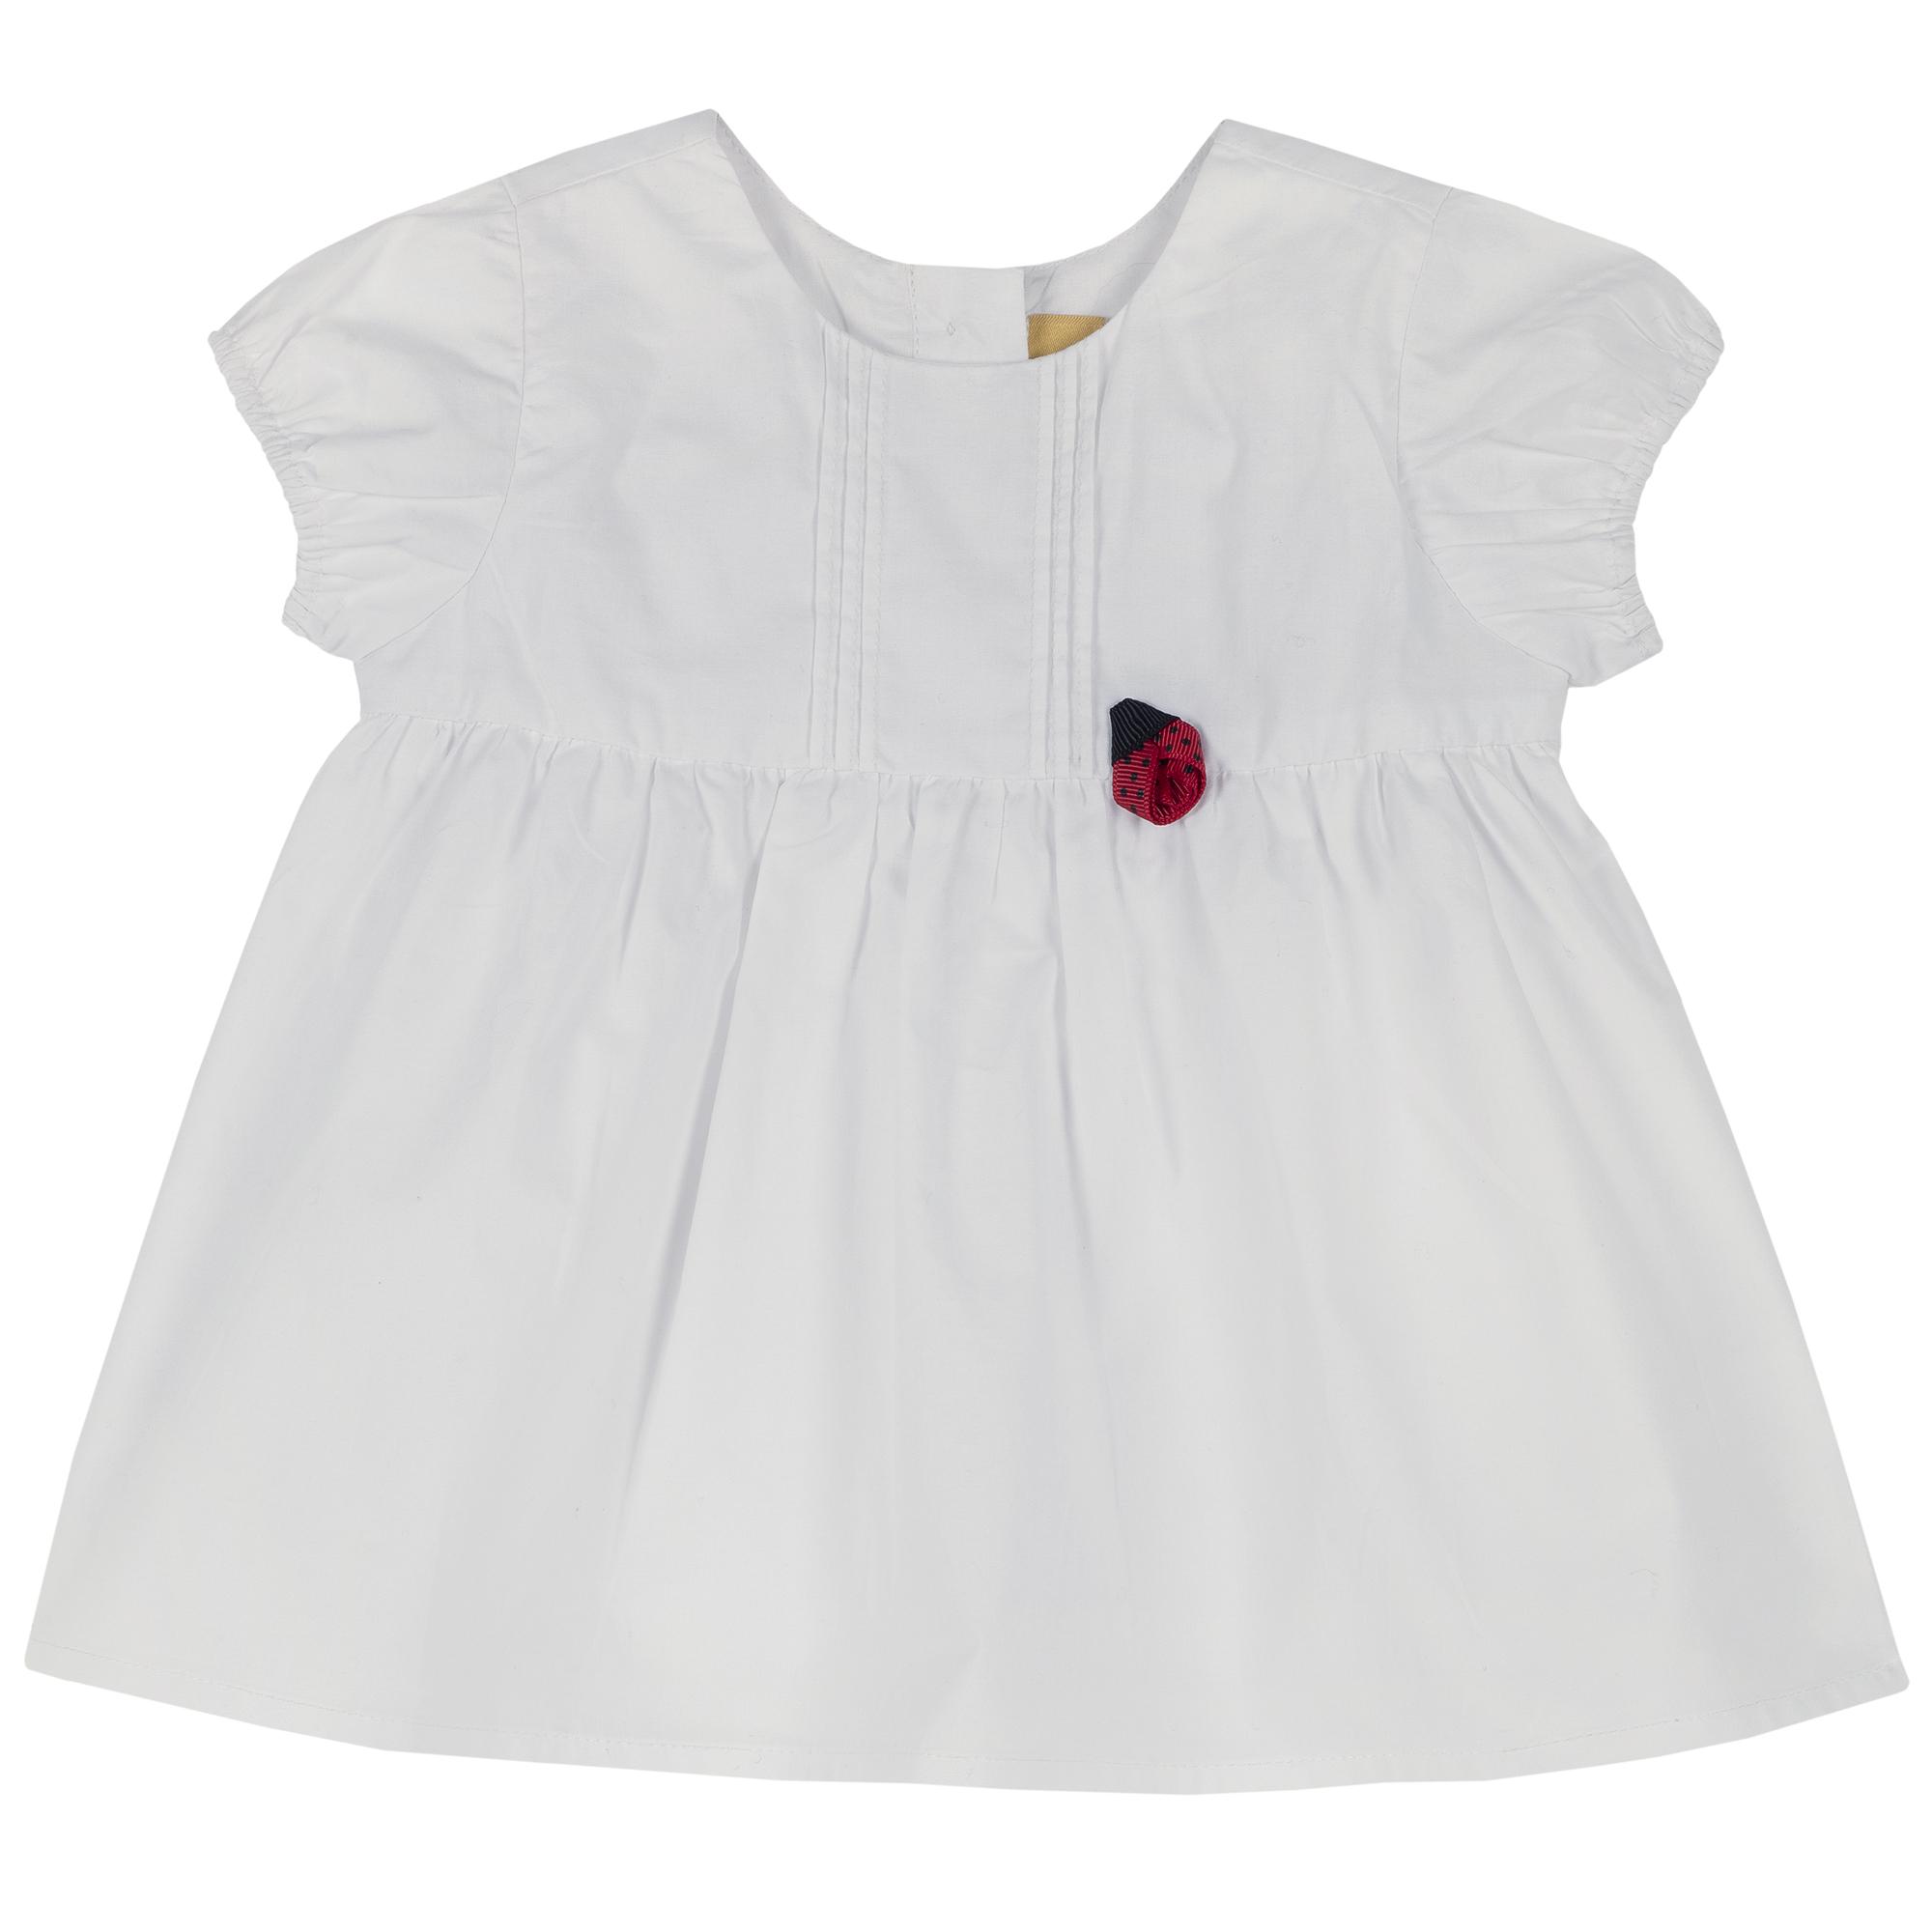 Bluza Copii Chicco, Inchidere Spate, Alb, 66535 imagine